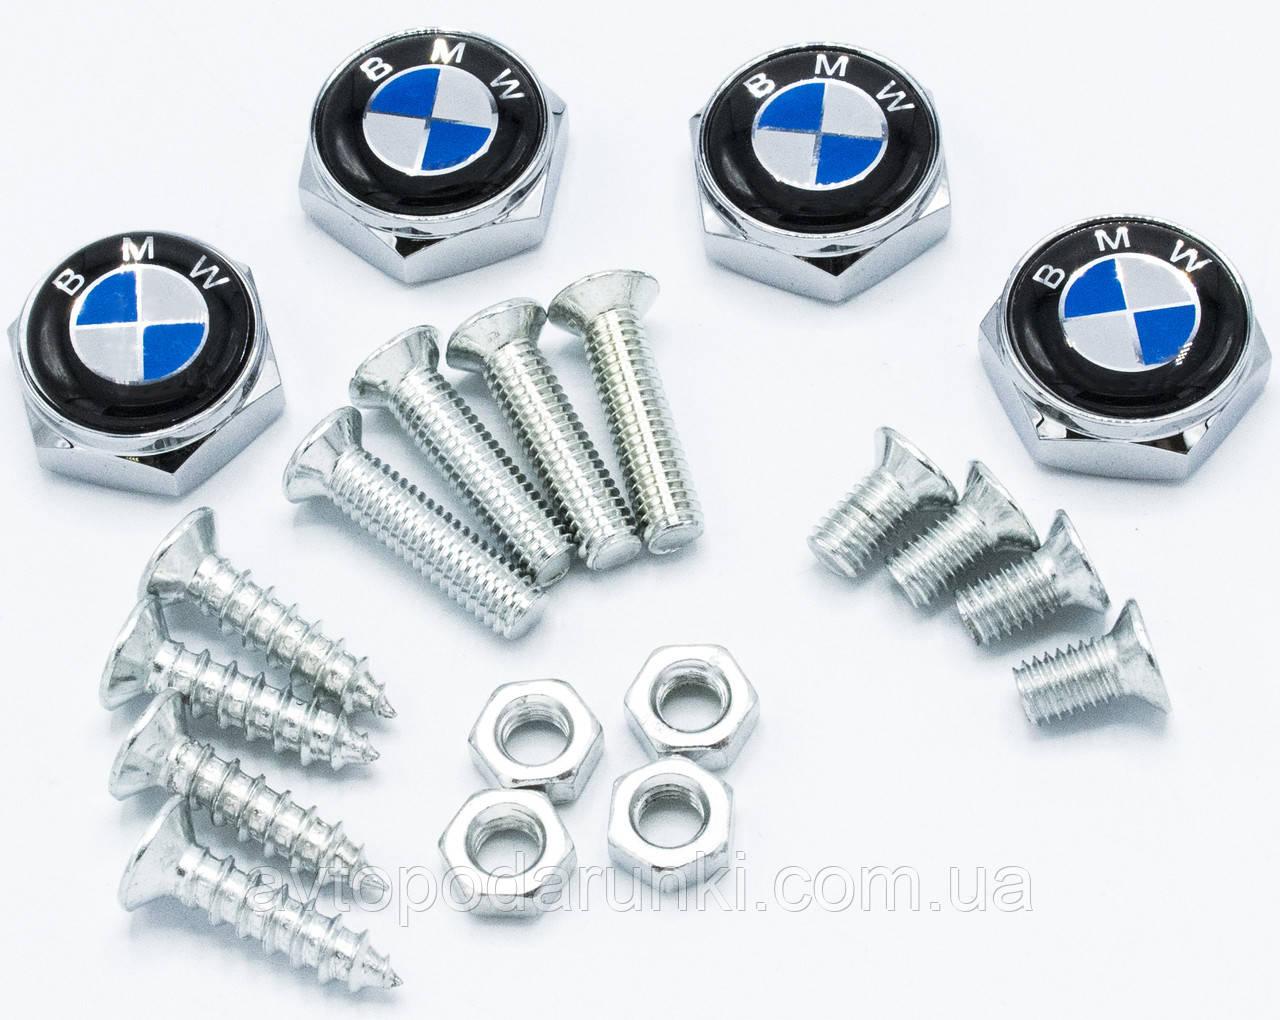 Декоративный болт для номерного знака  с логотипом BMW, винты для крепления автомобильного гос номера ( к-кт